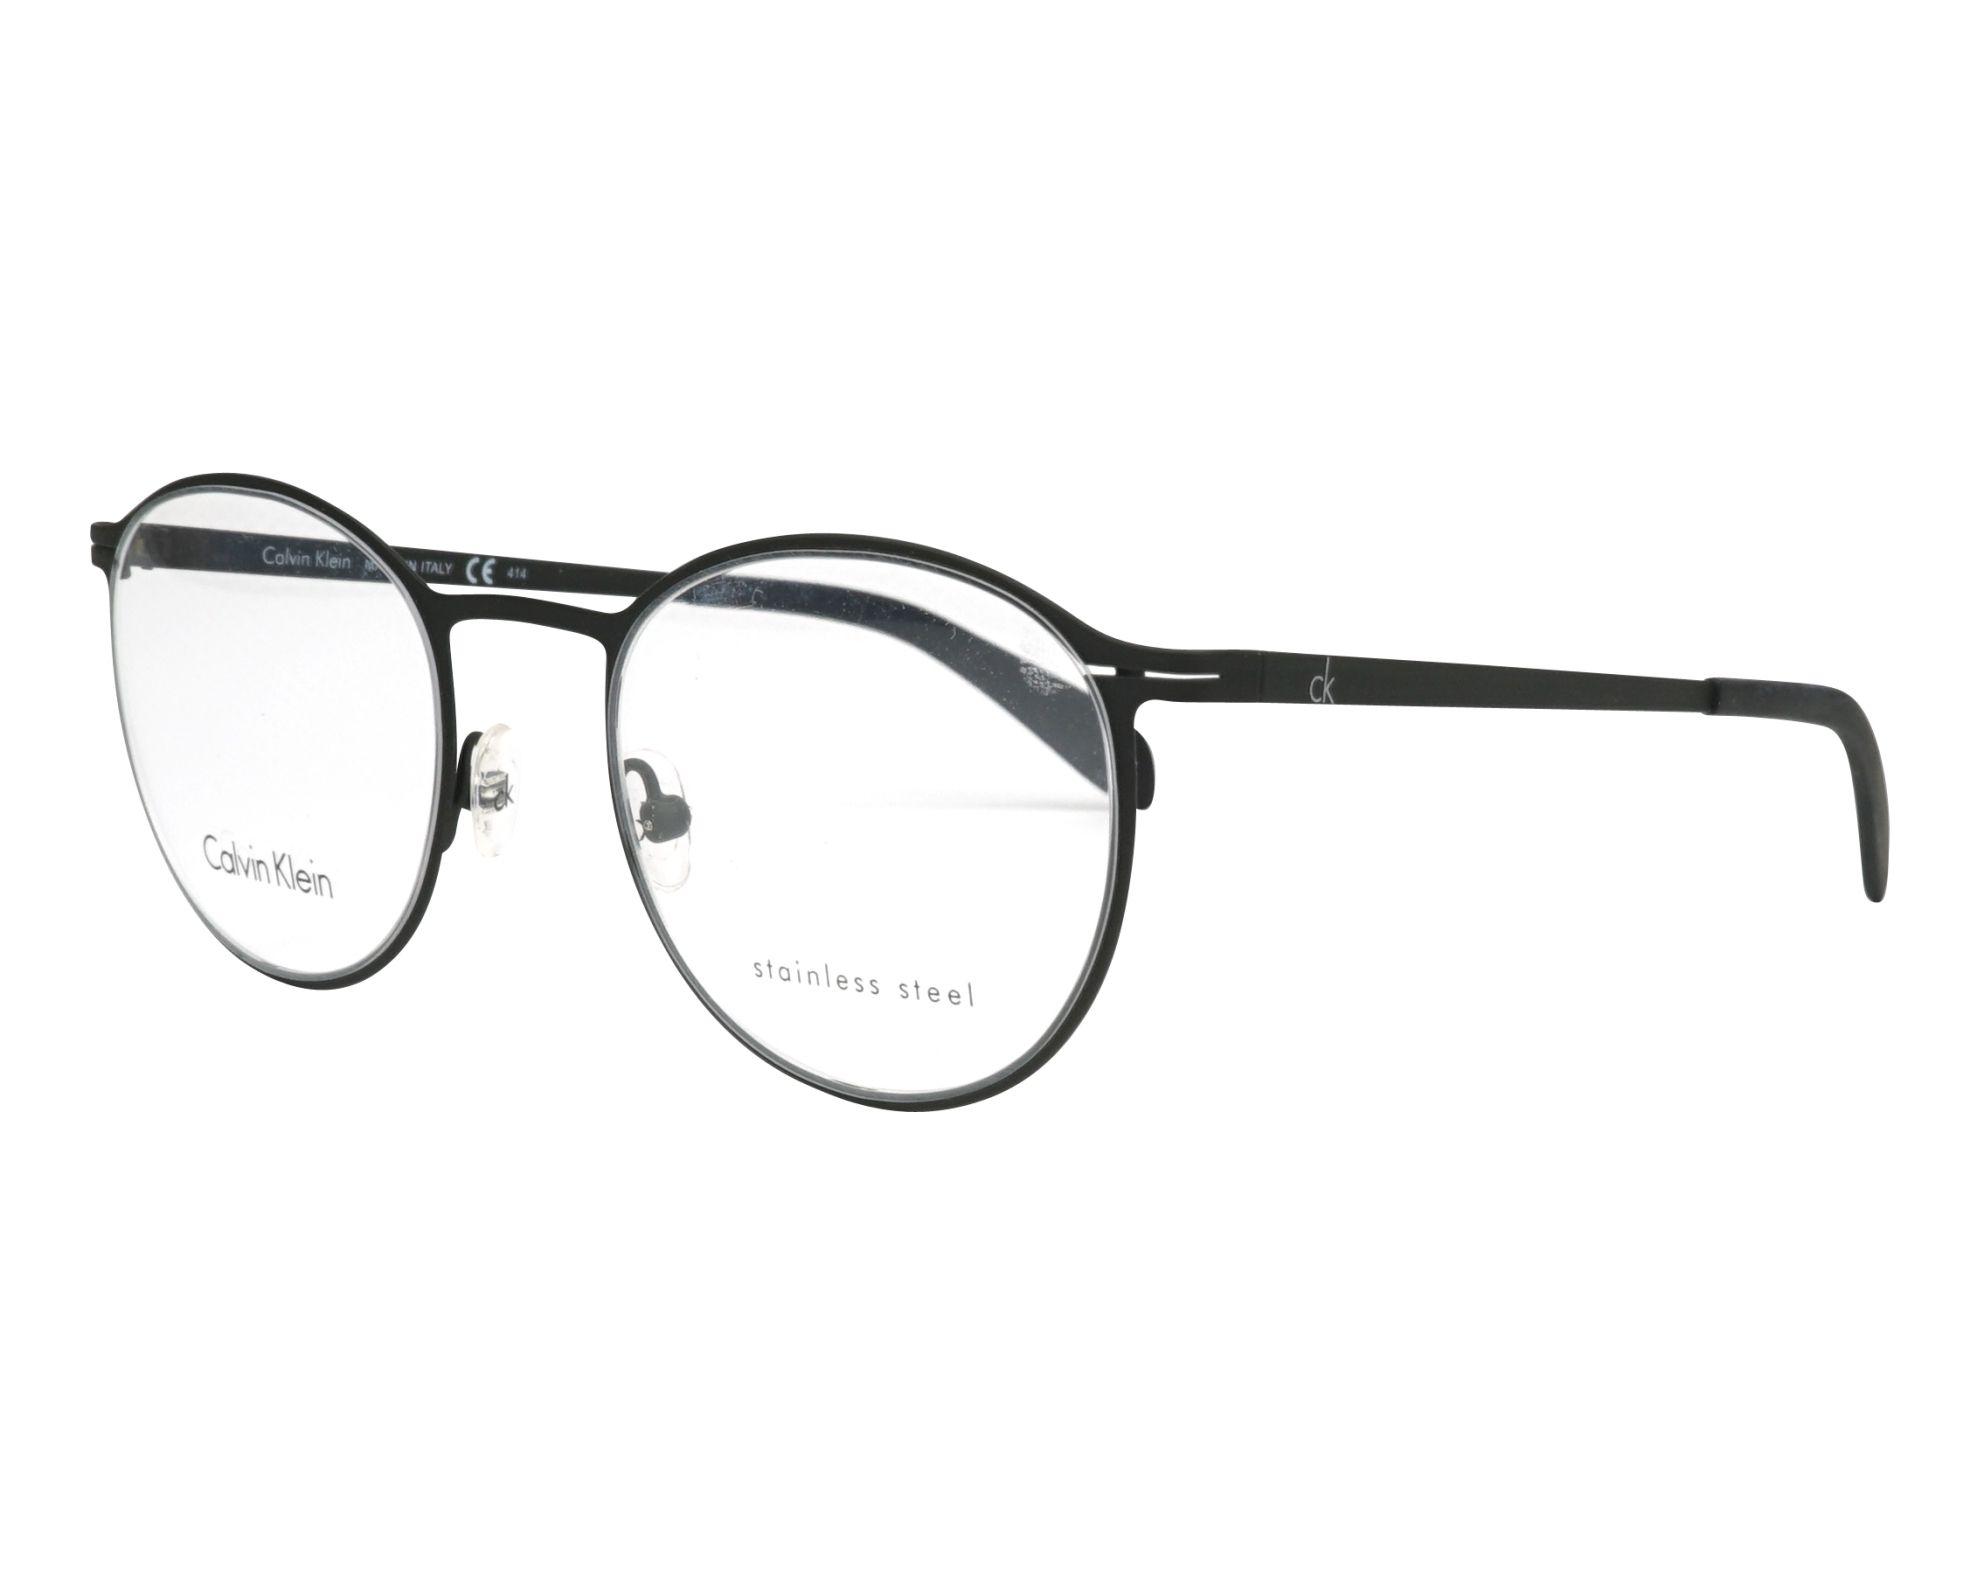 5f442bc8703fd Lunettes de vue Calvin Klein CK-5412 001 - Noir vue de profil